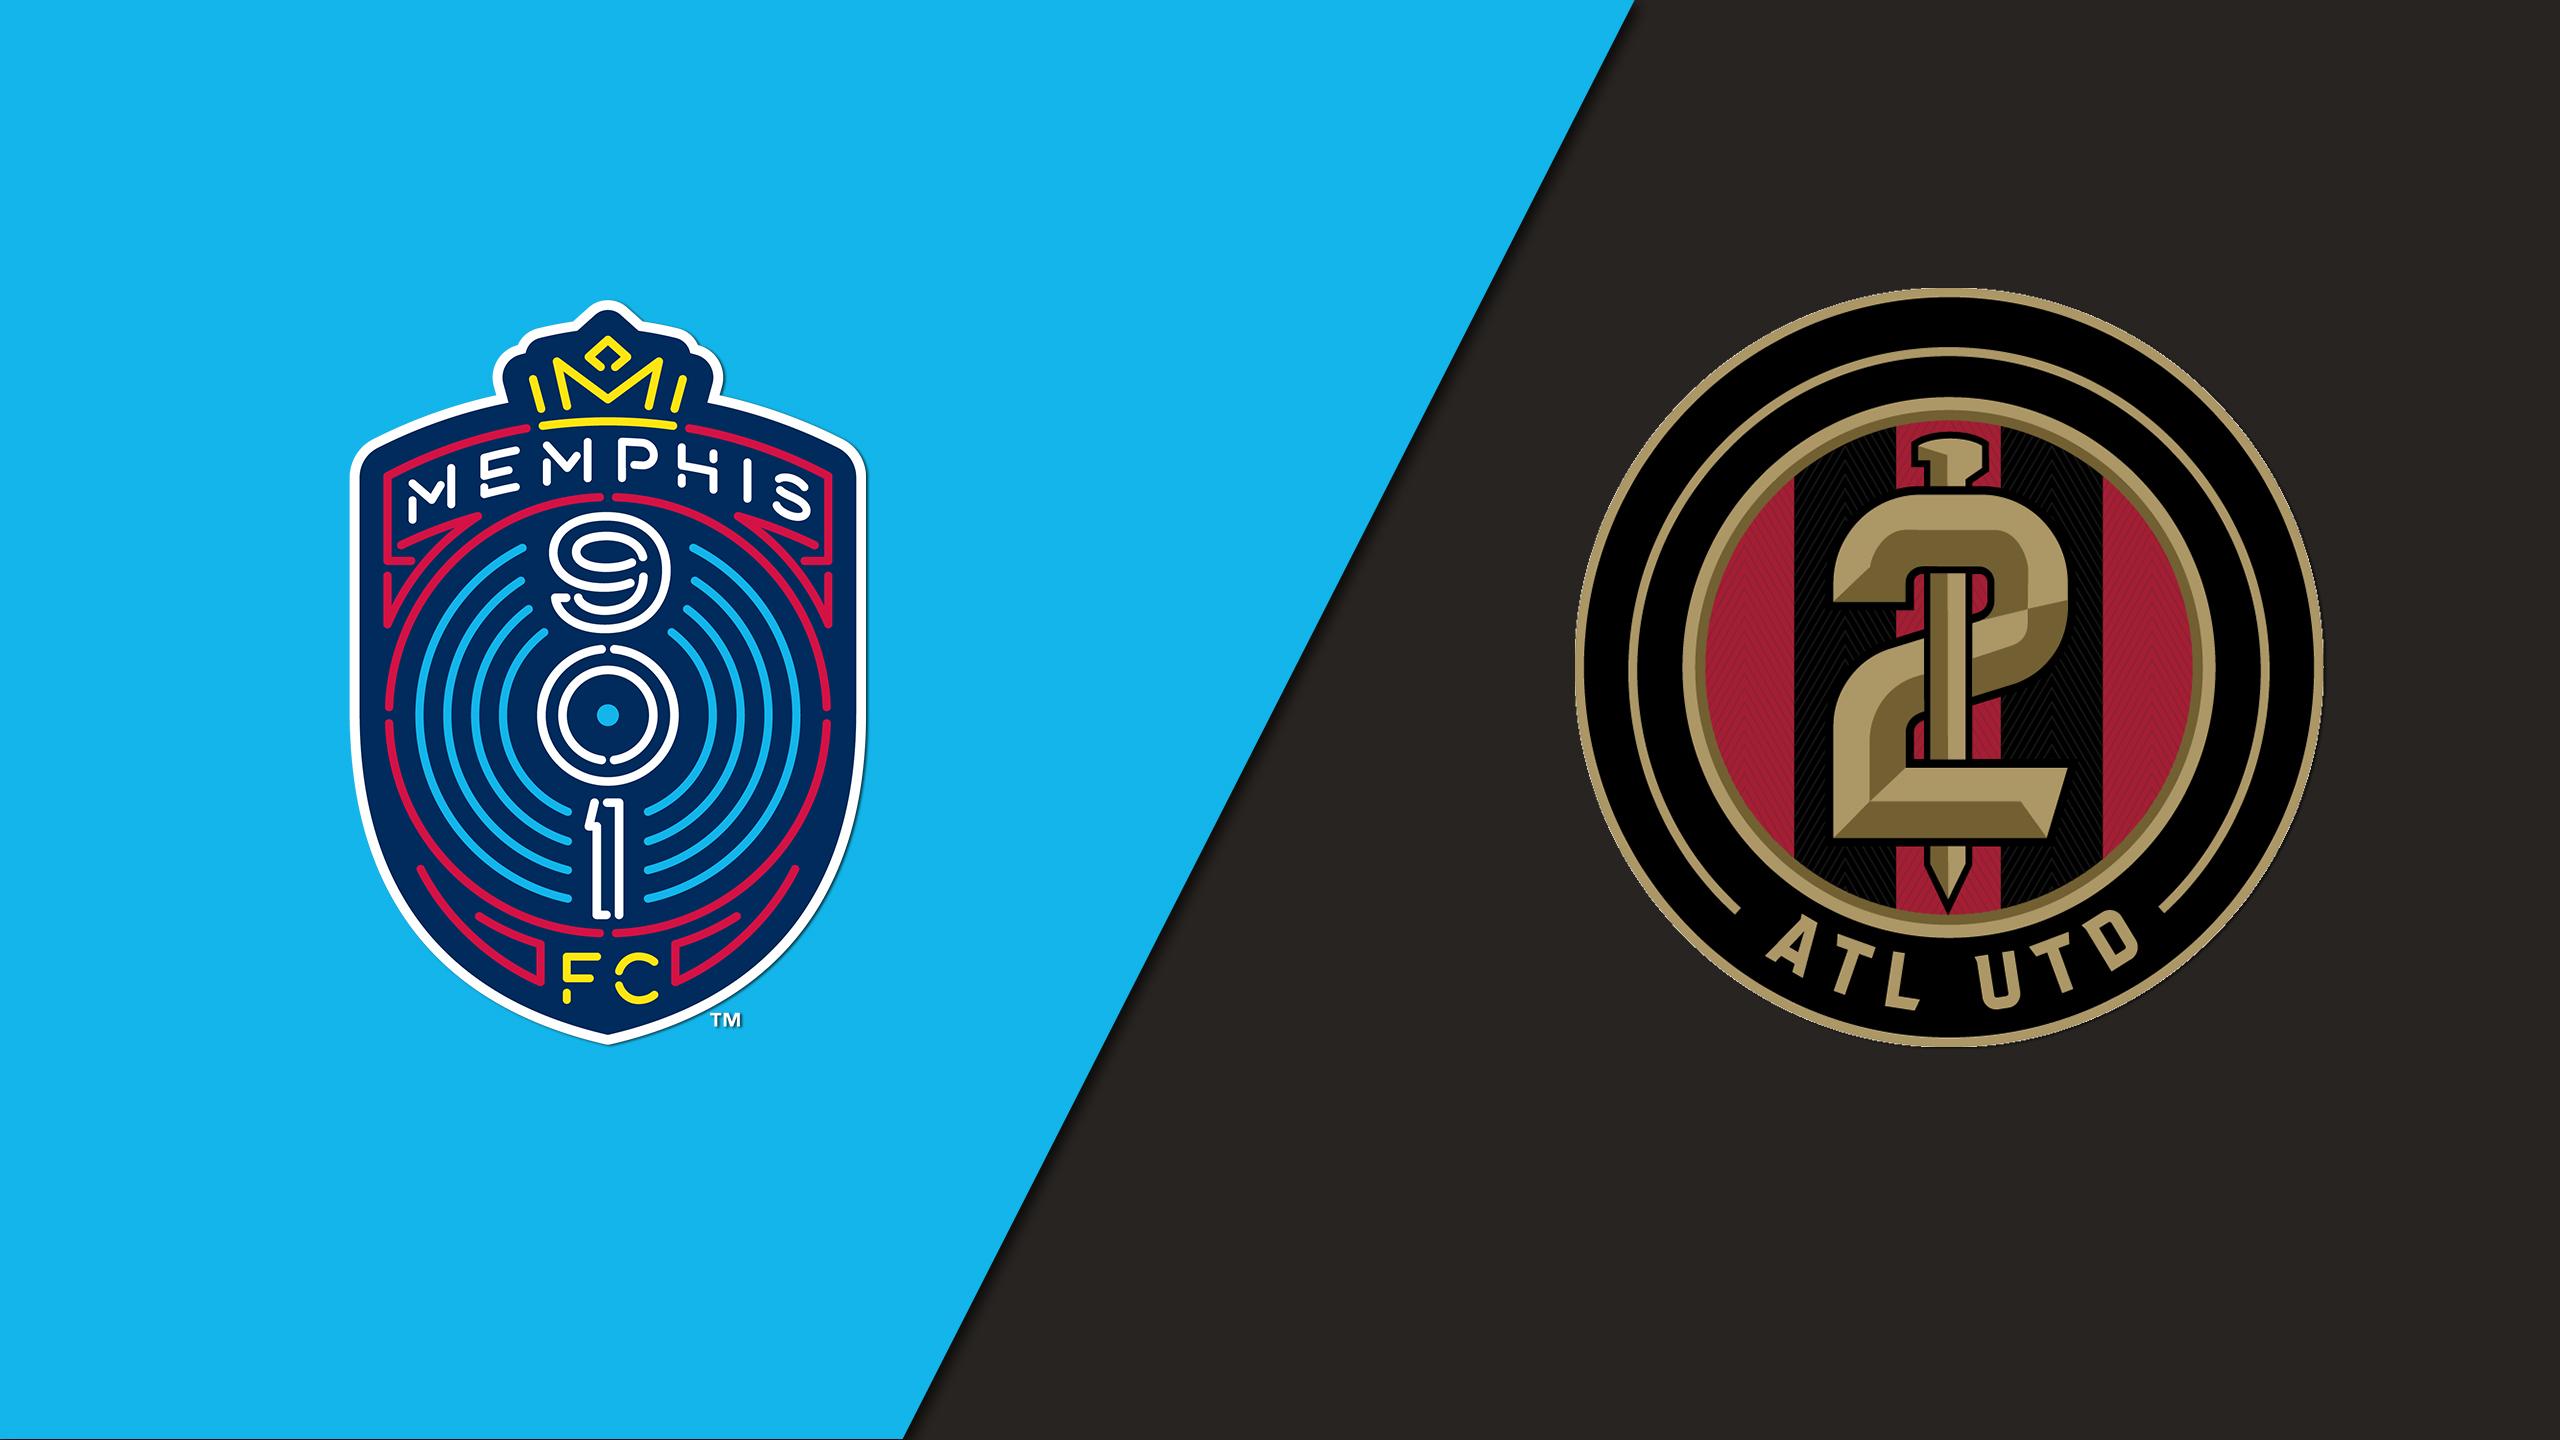 Memphis 901 FC vs. Atlanta United FC 2